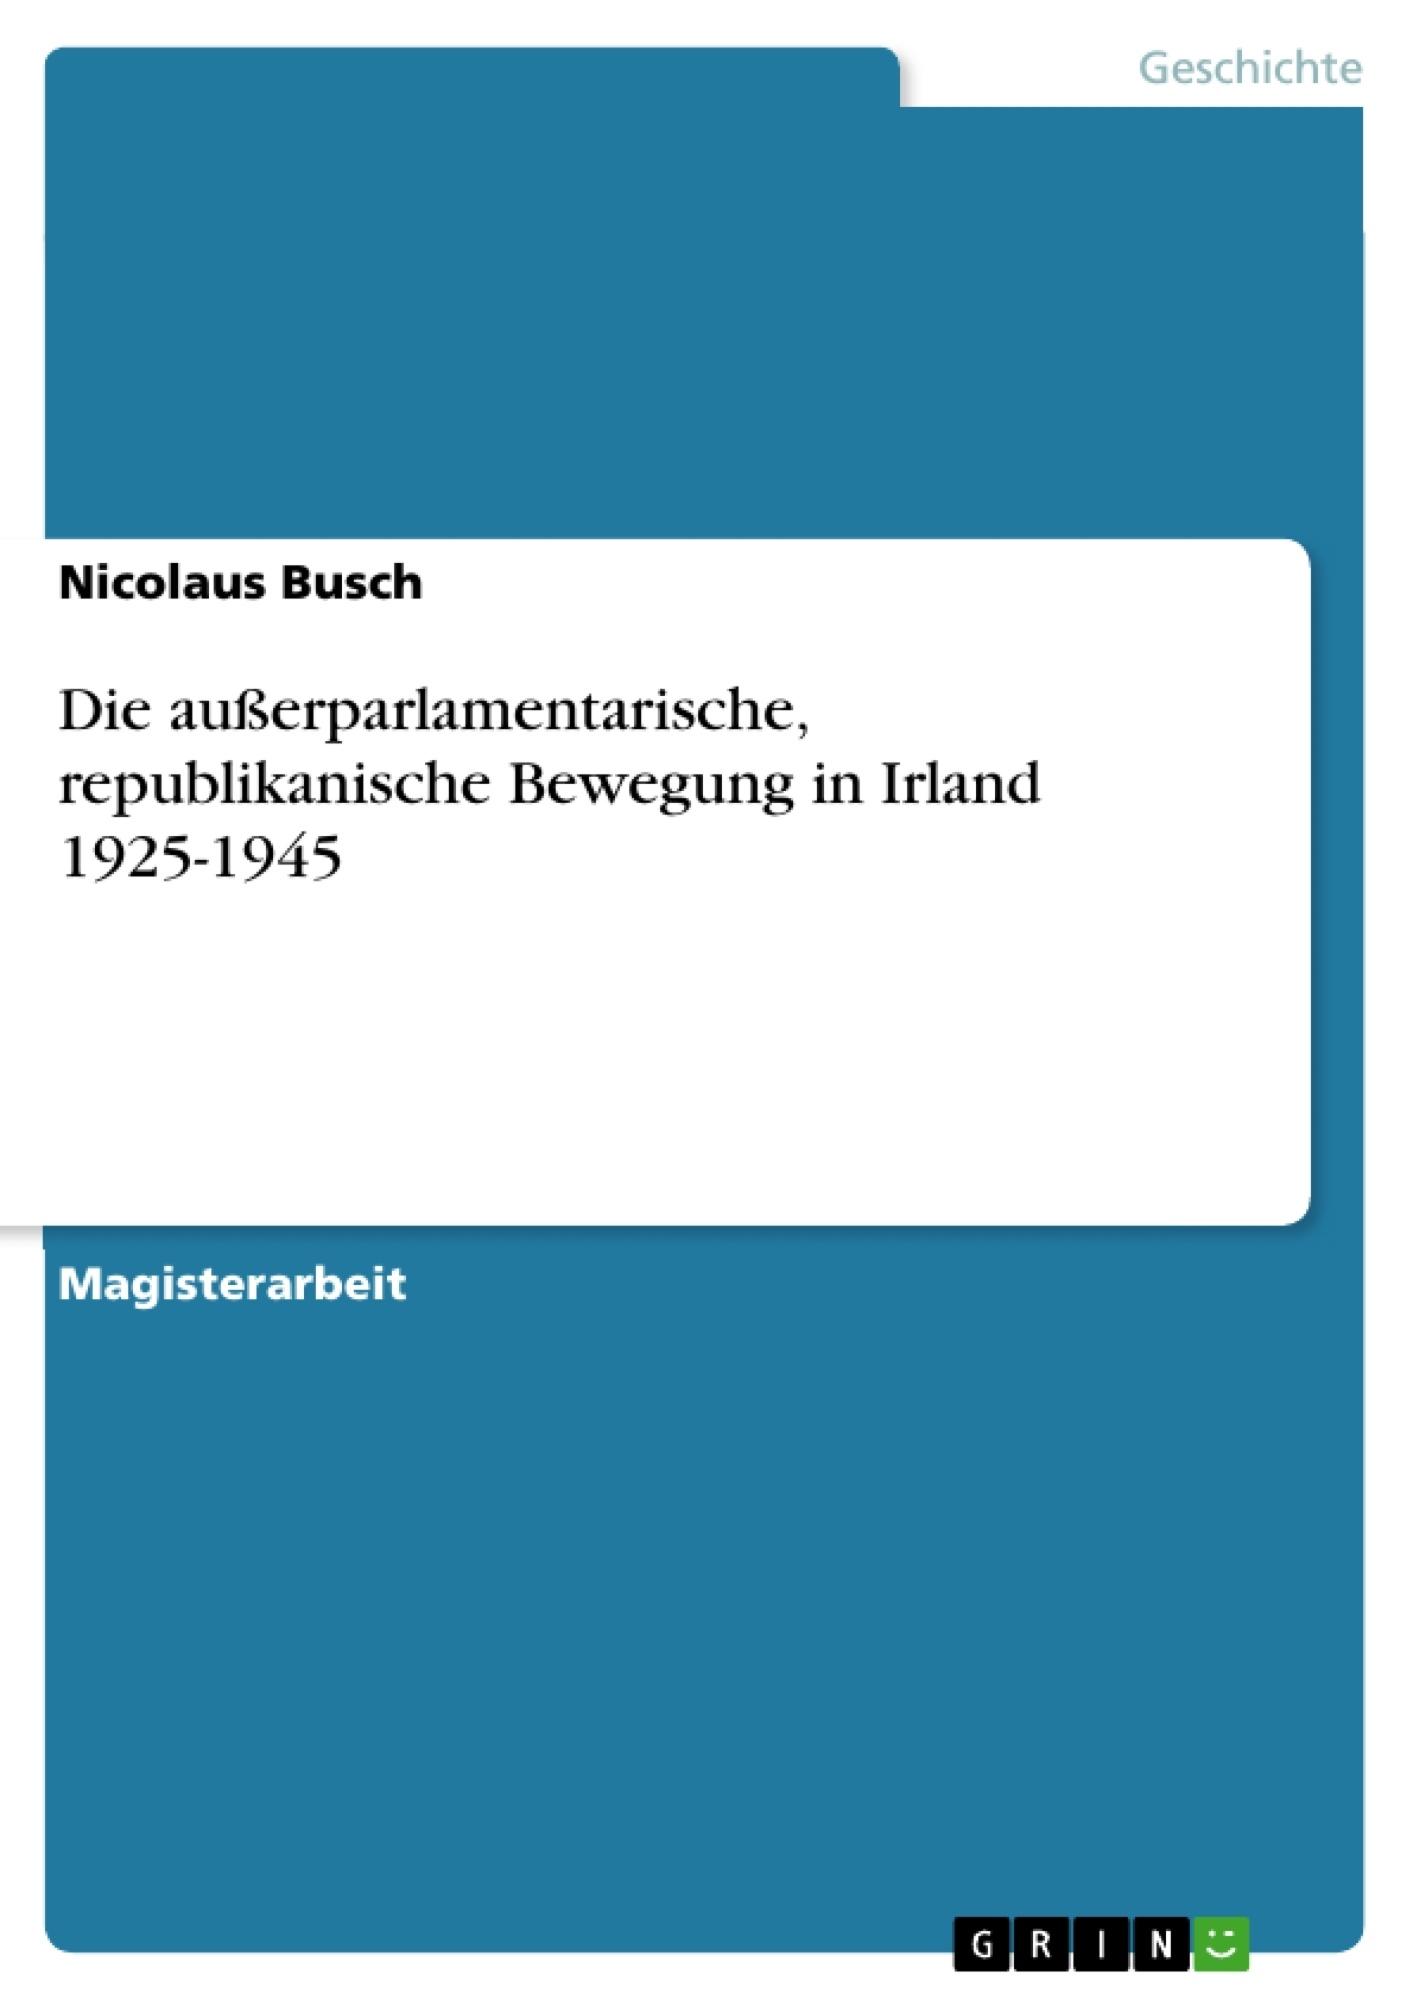 Die außerparlamentarische, republikanische Bewegung in Irland ...